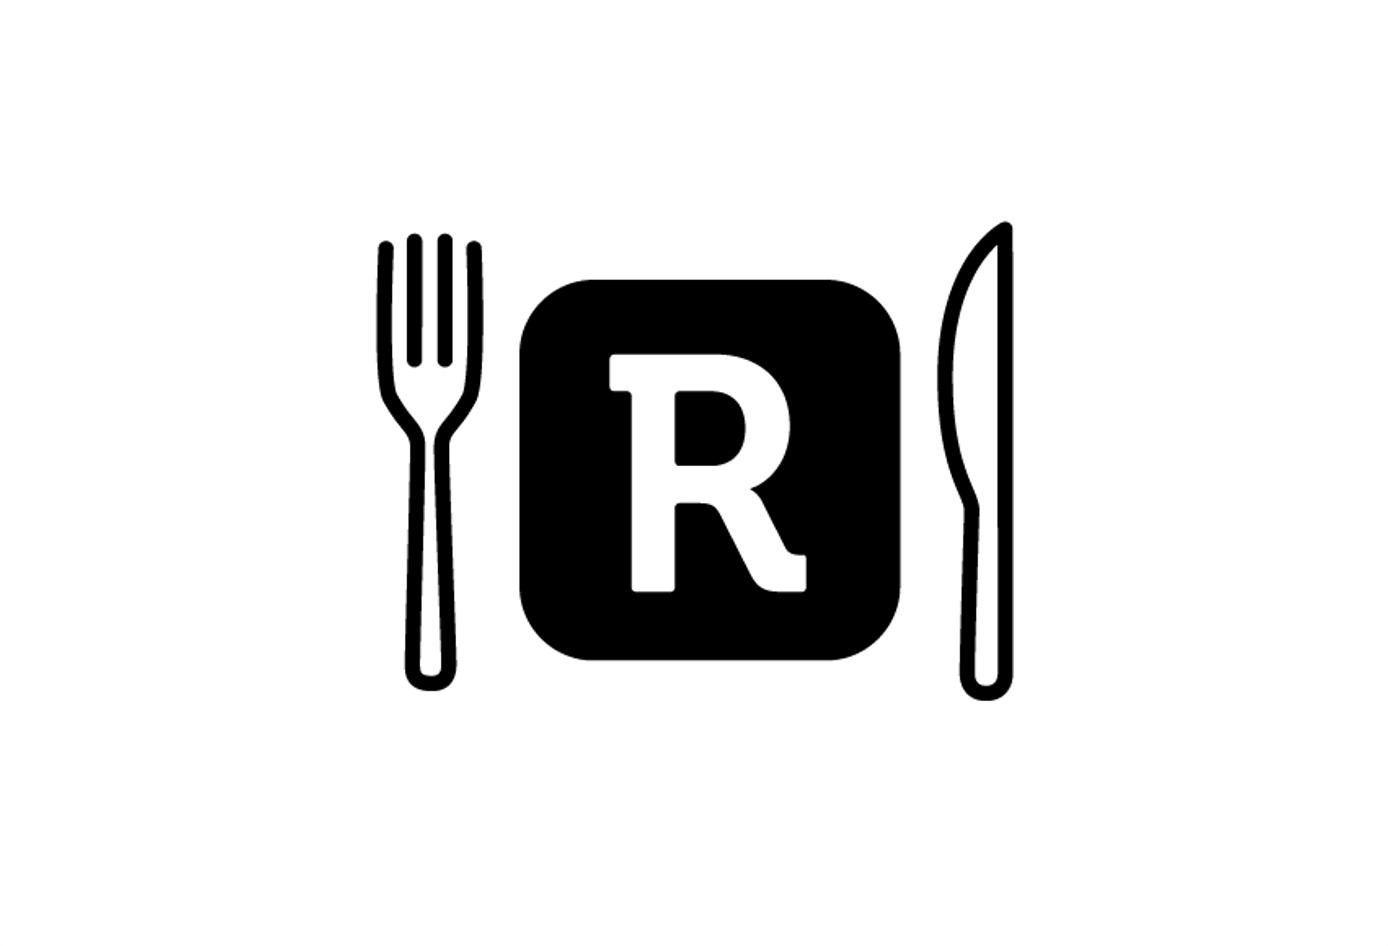 【日本最大級の実名型口コミグルメサービス】Retty株式会社と業務提携いたしました。